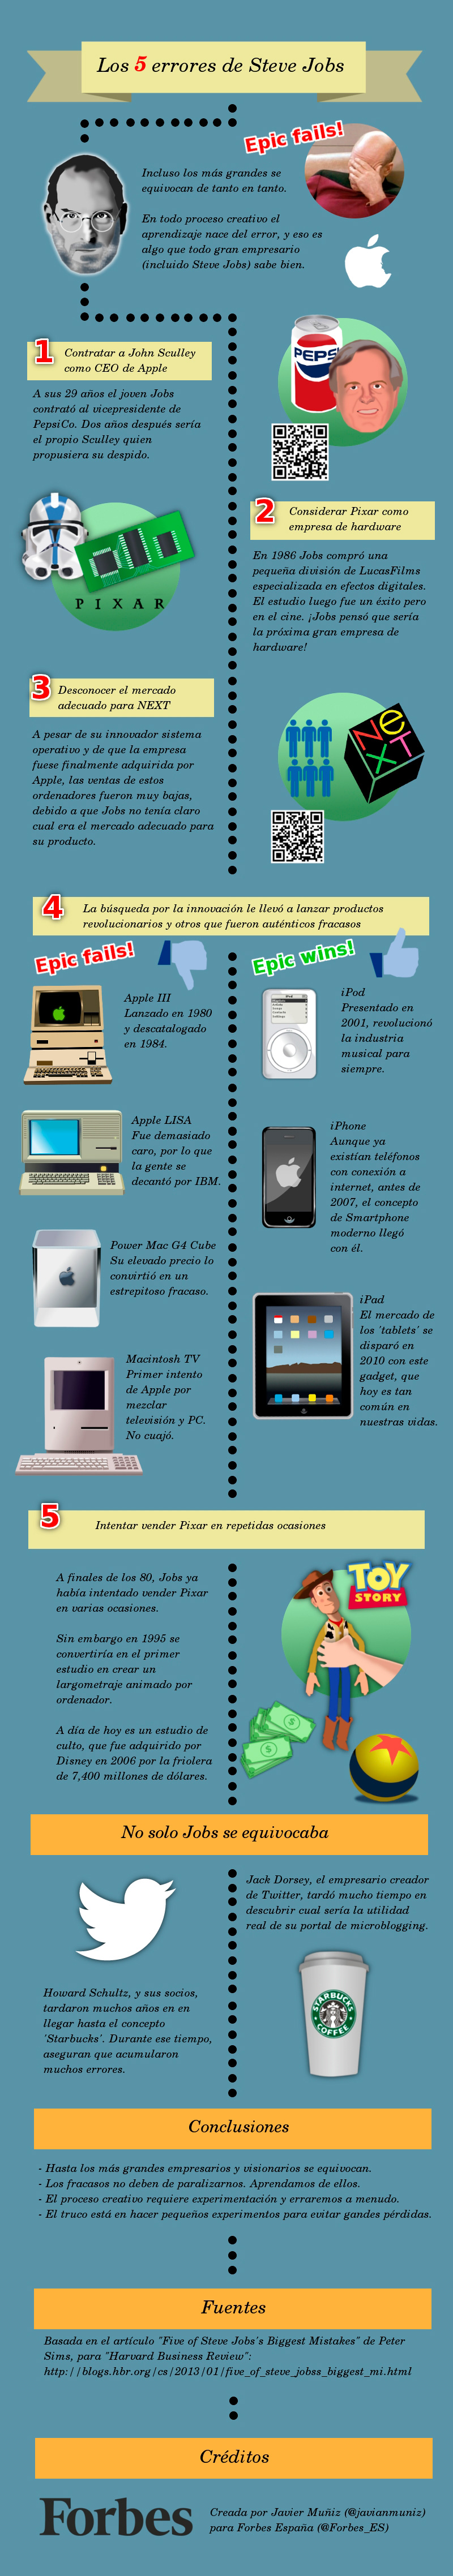 Infografía-Steve-Jobs-Forbes